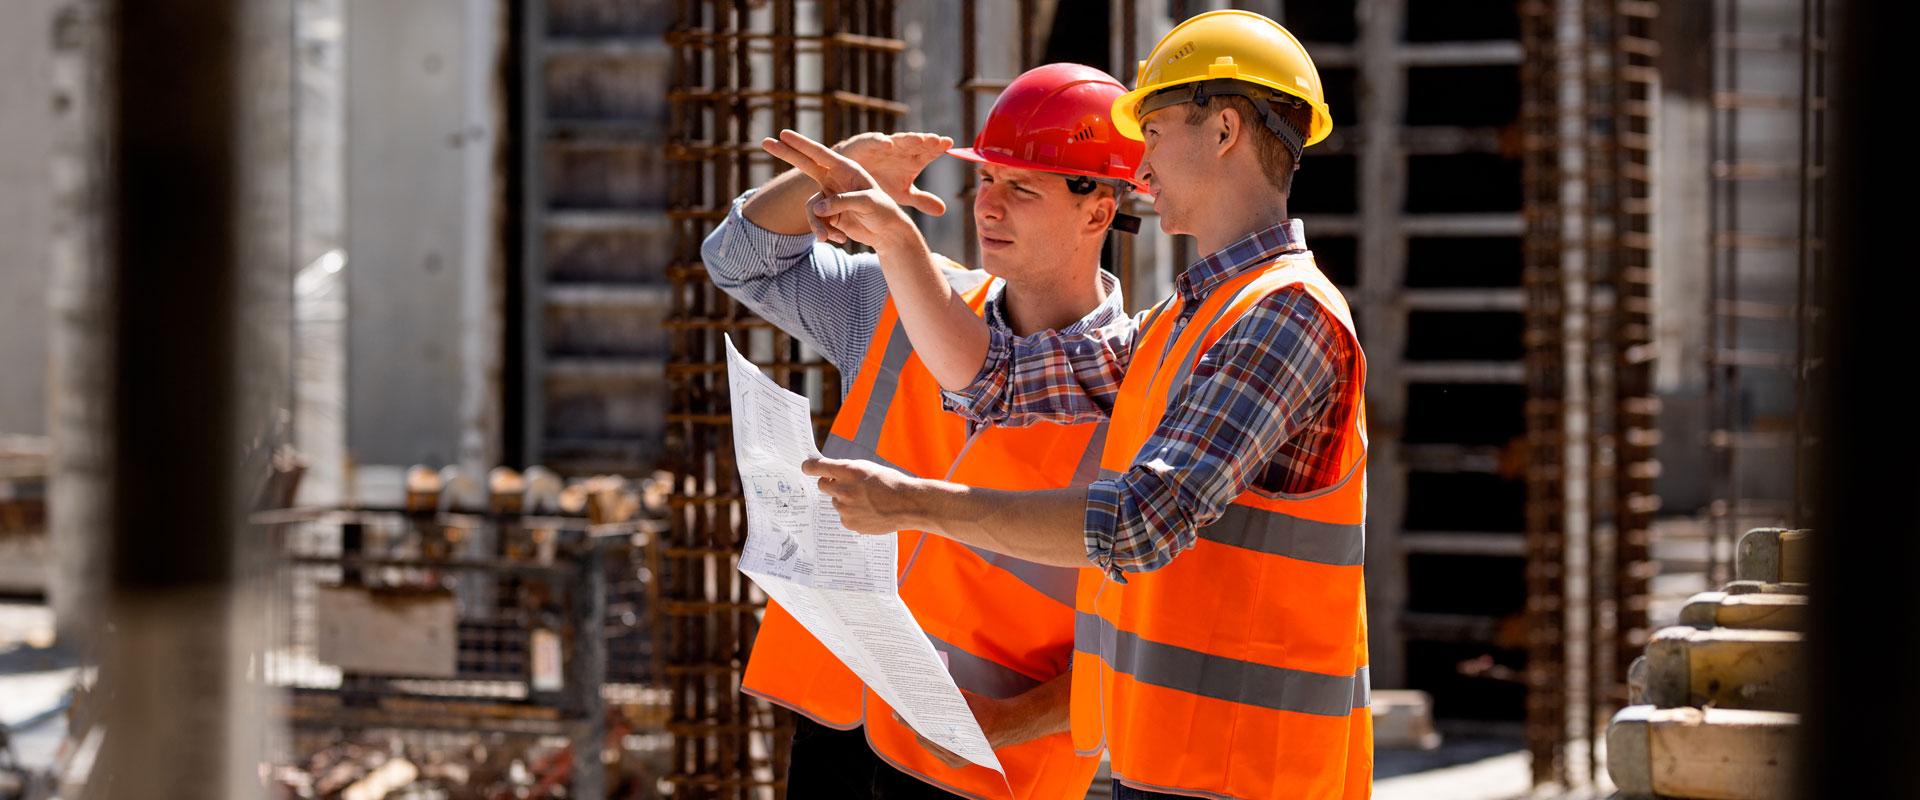 Les spécificités de la maintenance des infrastructures et réseaux Milan consulting conseil